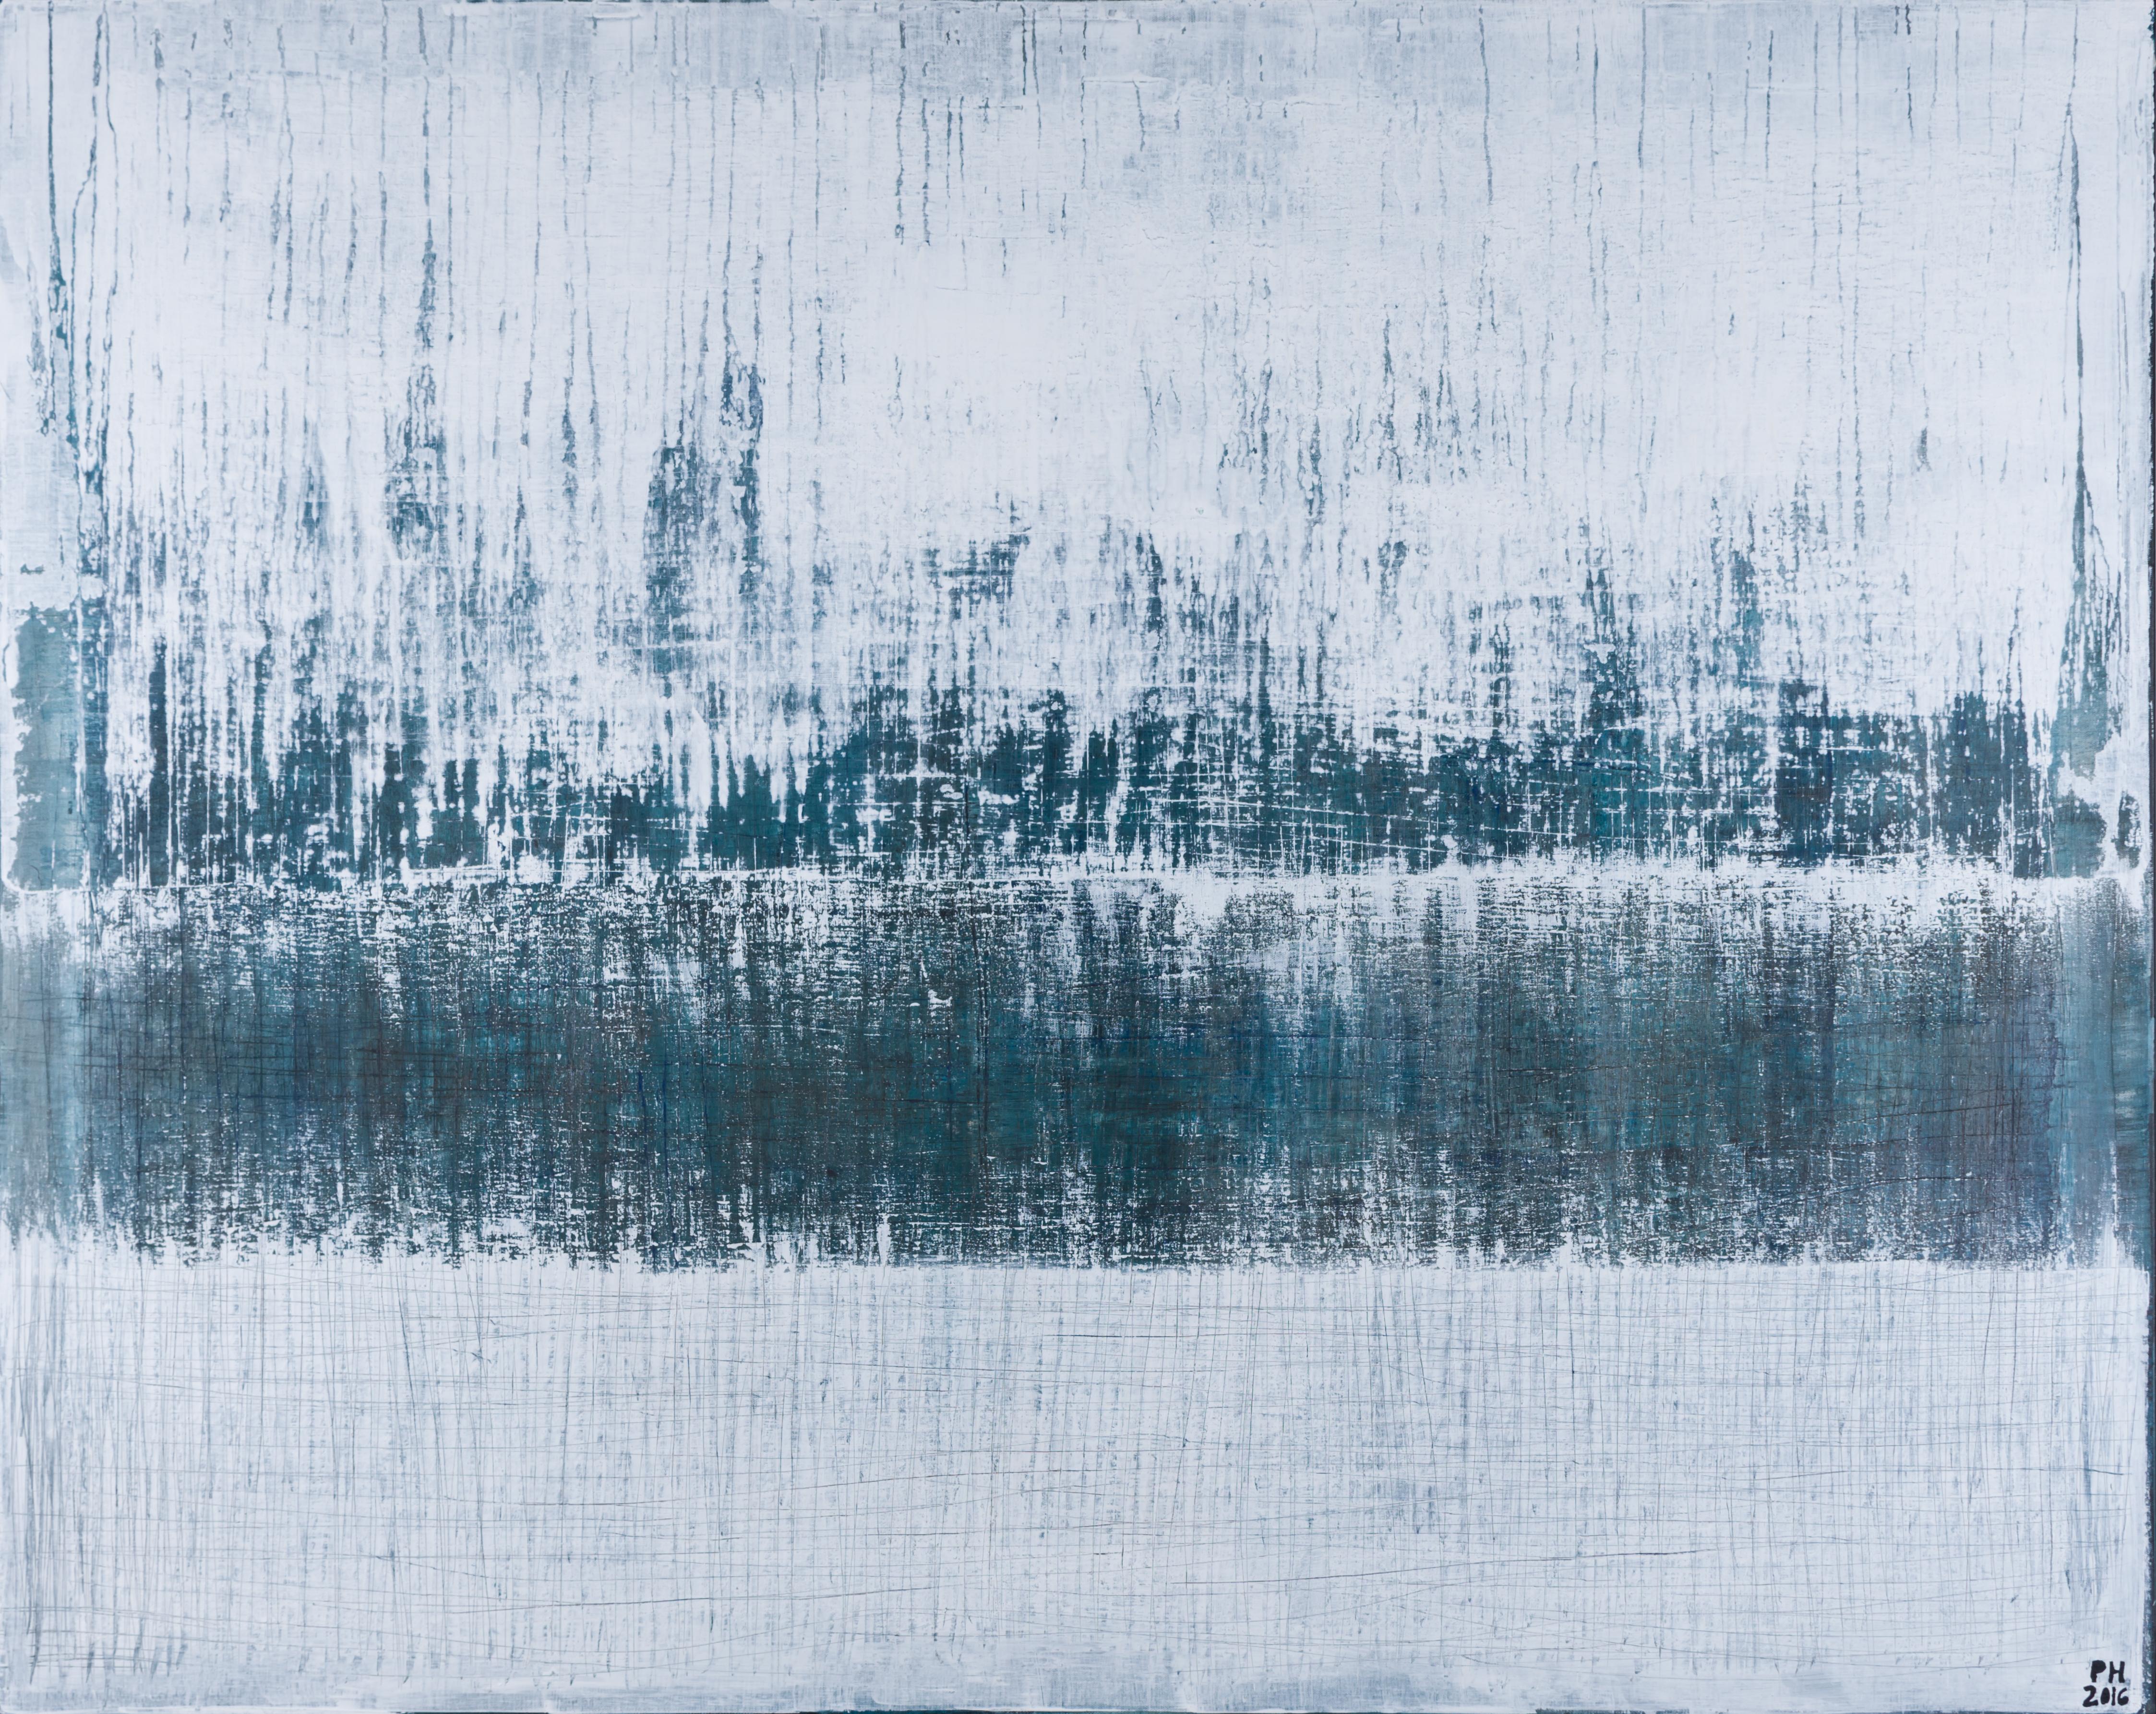 Petra Hedwig ohne Titel No. 78 150x120 cm Acryl auf Leinwand